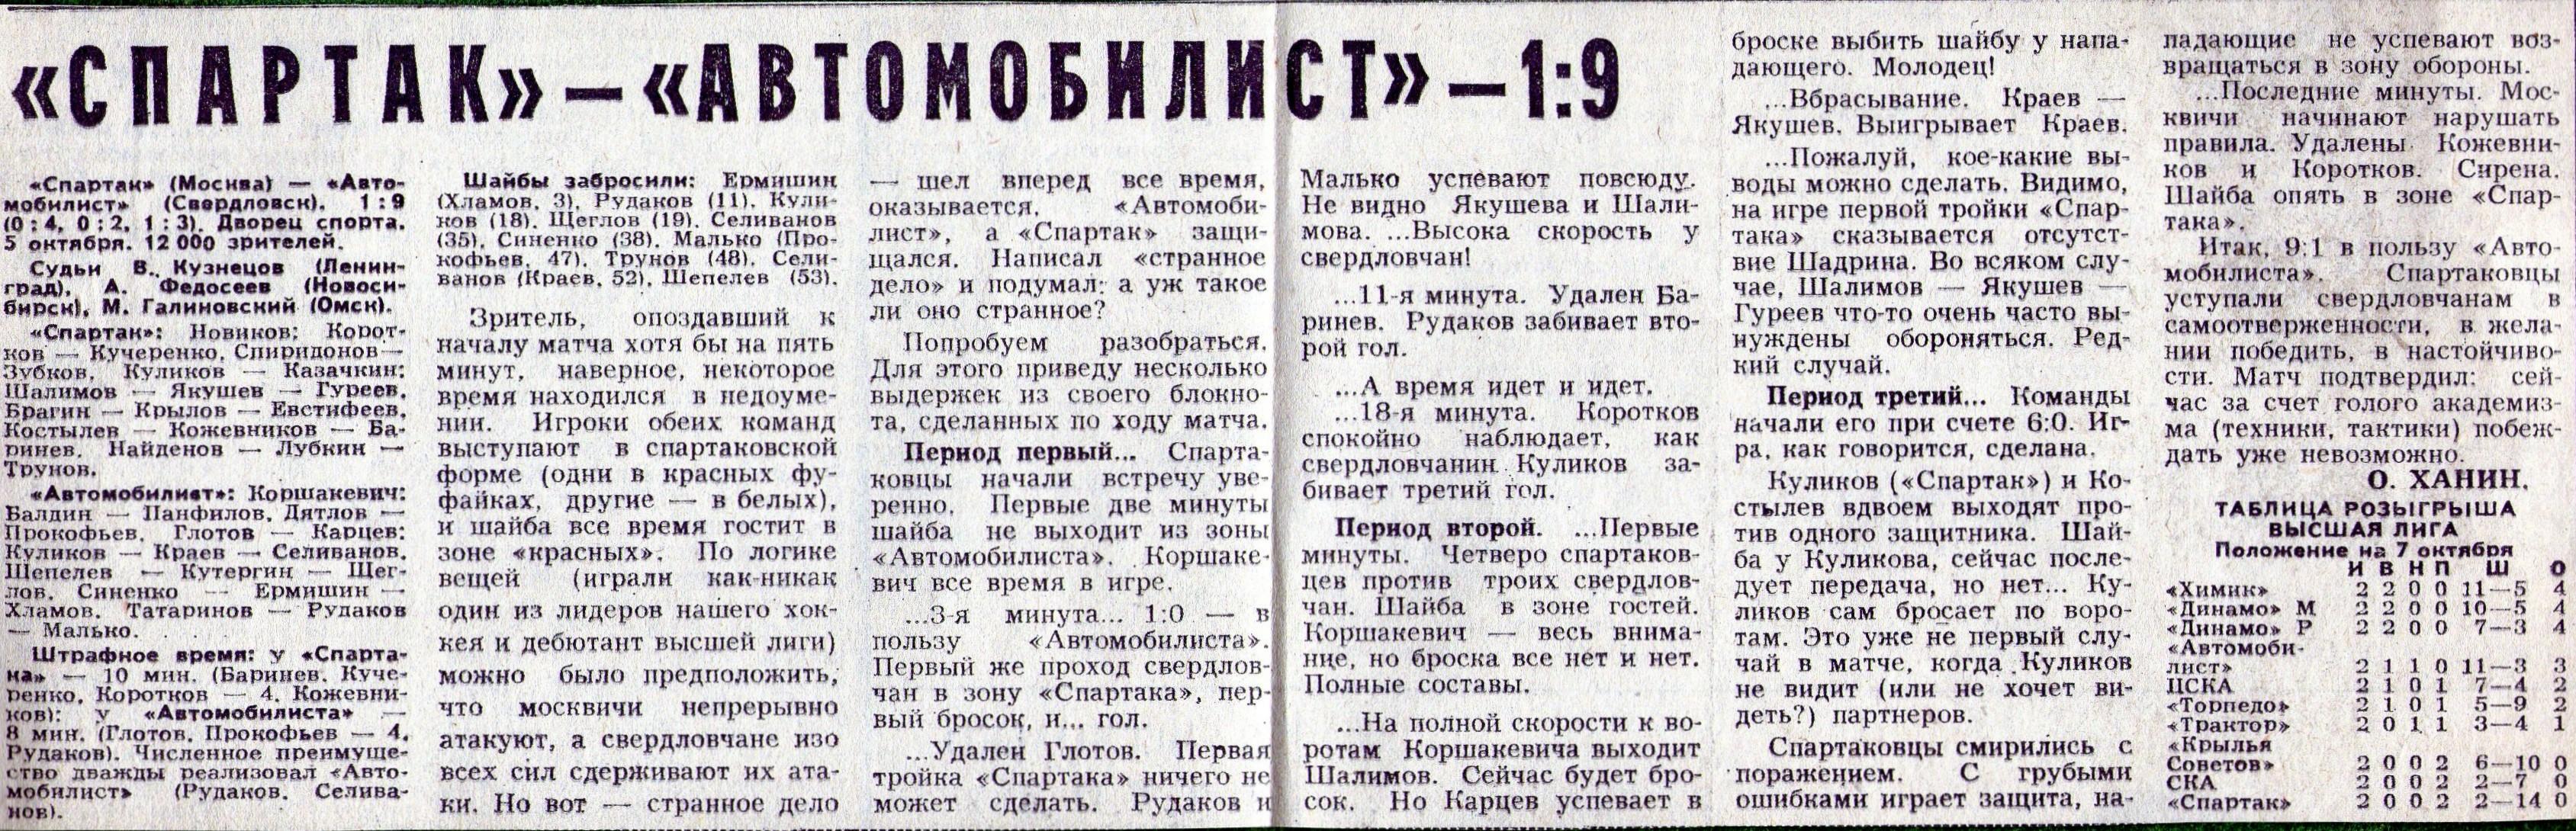 1977.10.05 Спартак 1-9 Автомобилист Св..jpg